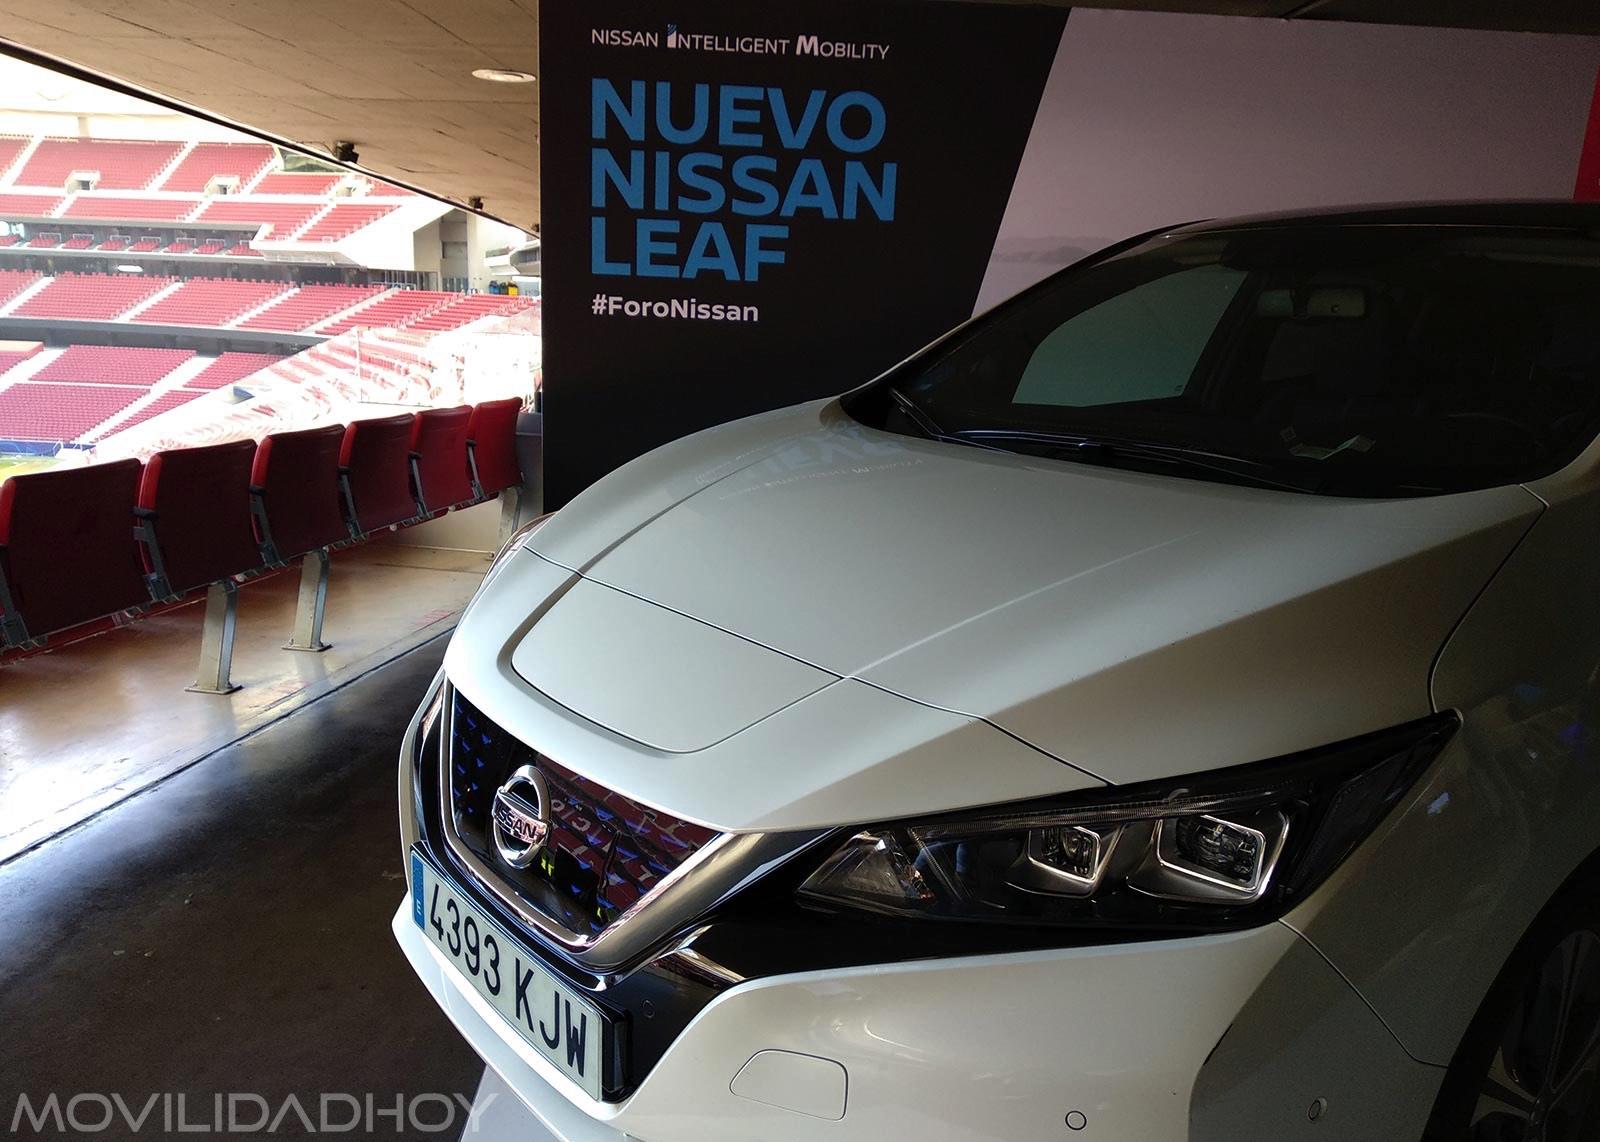 Vehiculo electrico en España